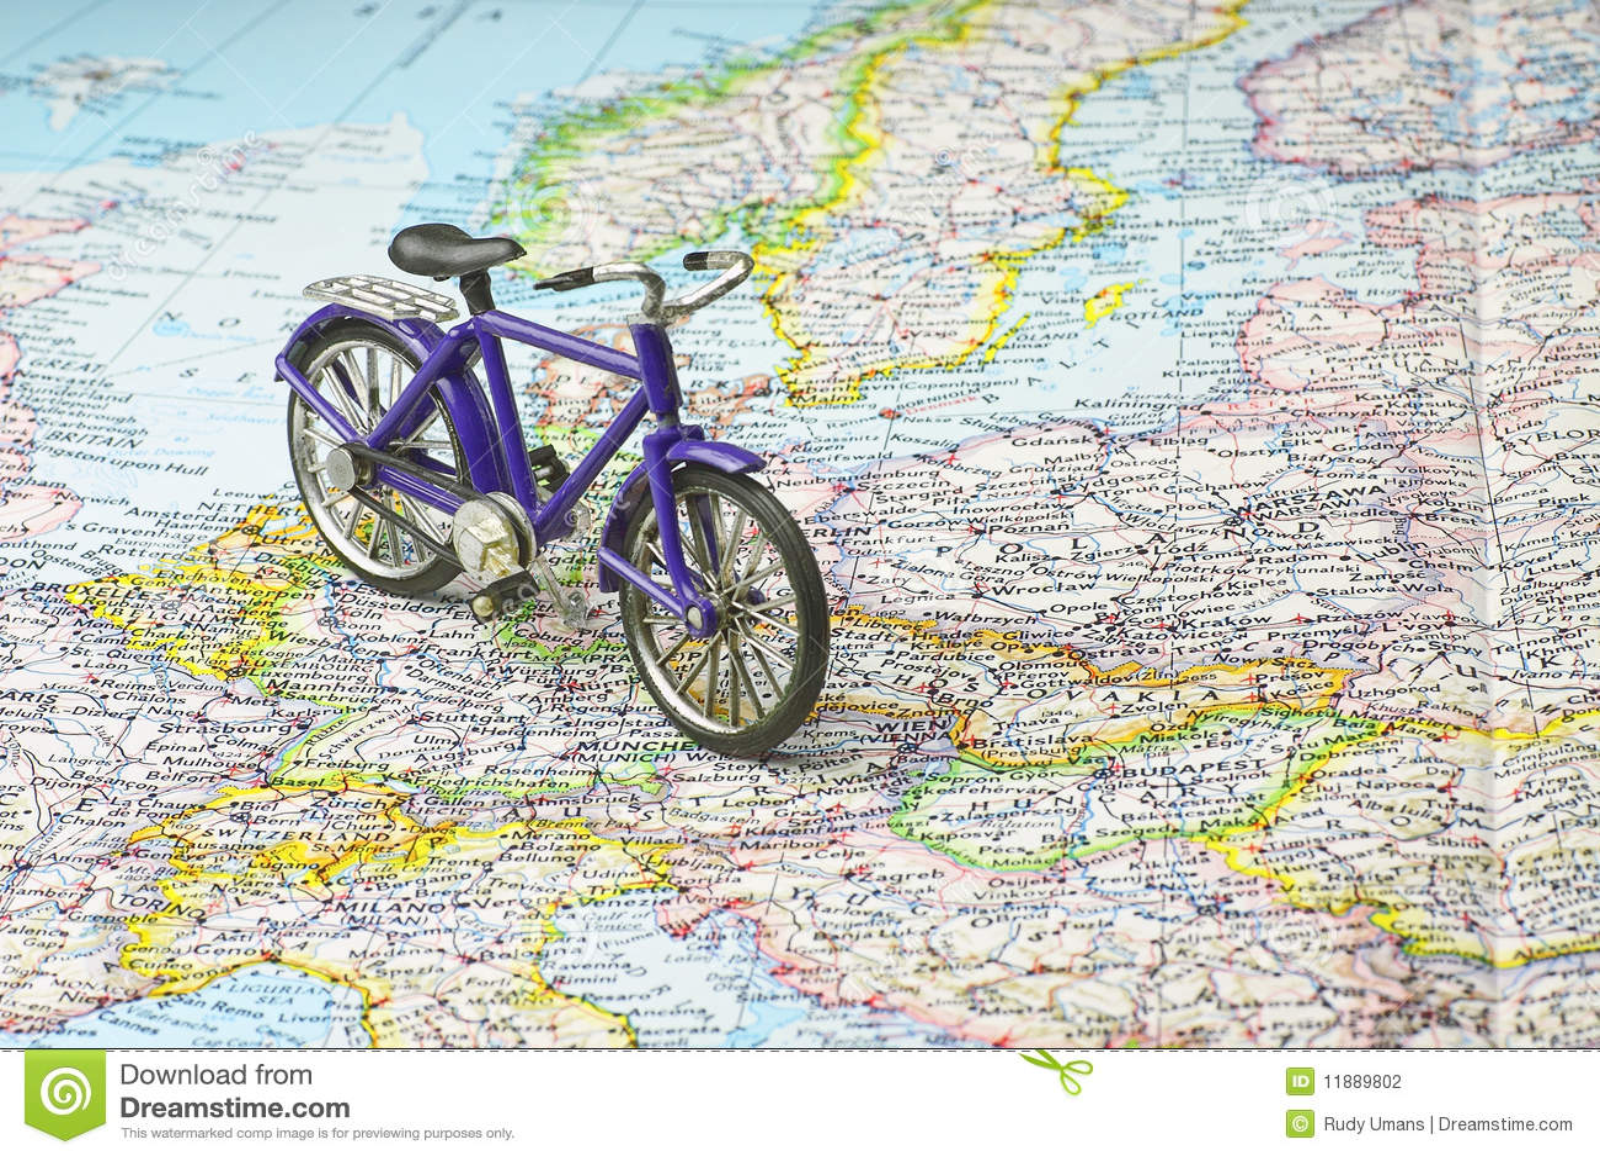 Fahrrad Karte.Fahrrad Auf Karte Von Europa Stockfoto Bild Von Konzepte